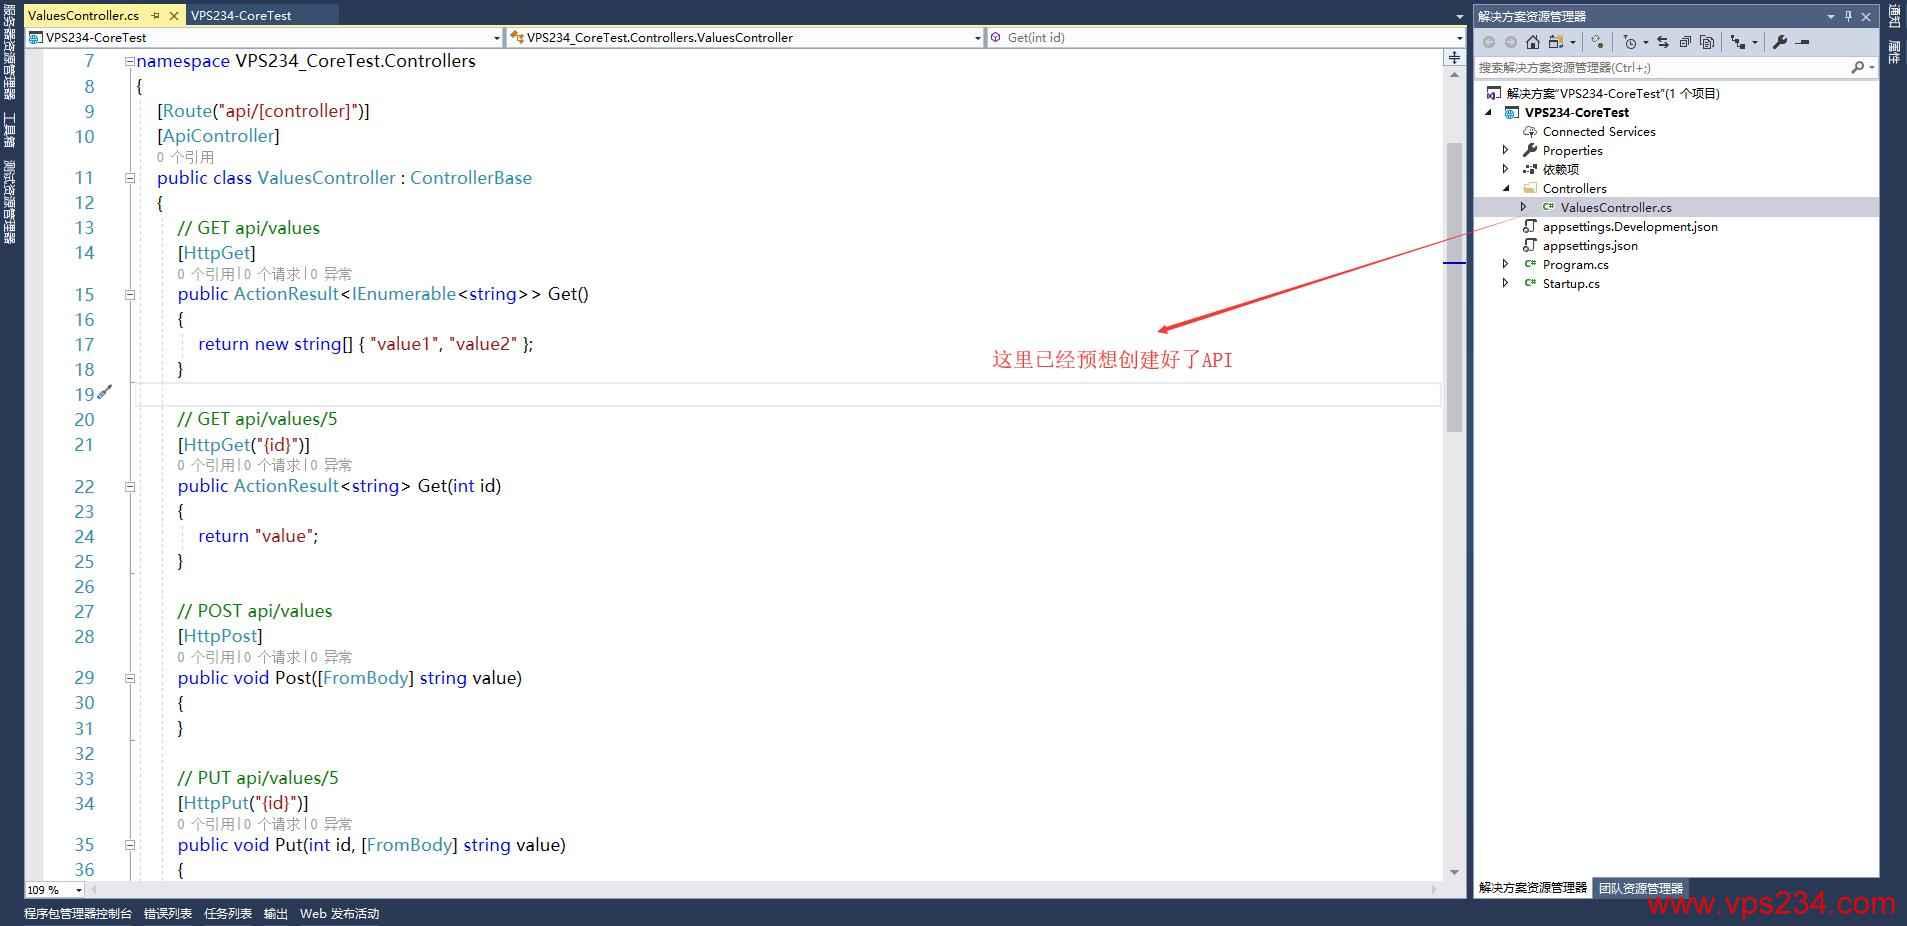 Linux 搭建.NET Core教程 -已经创建好的Web API